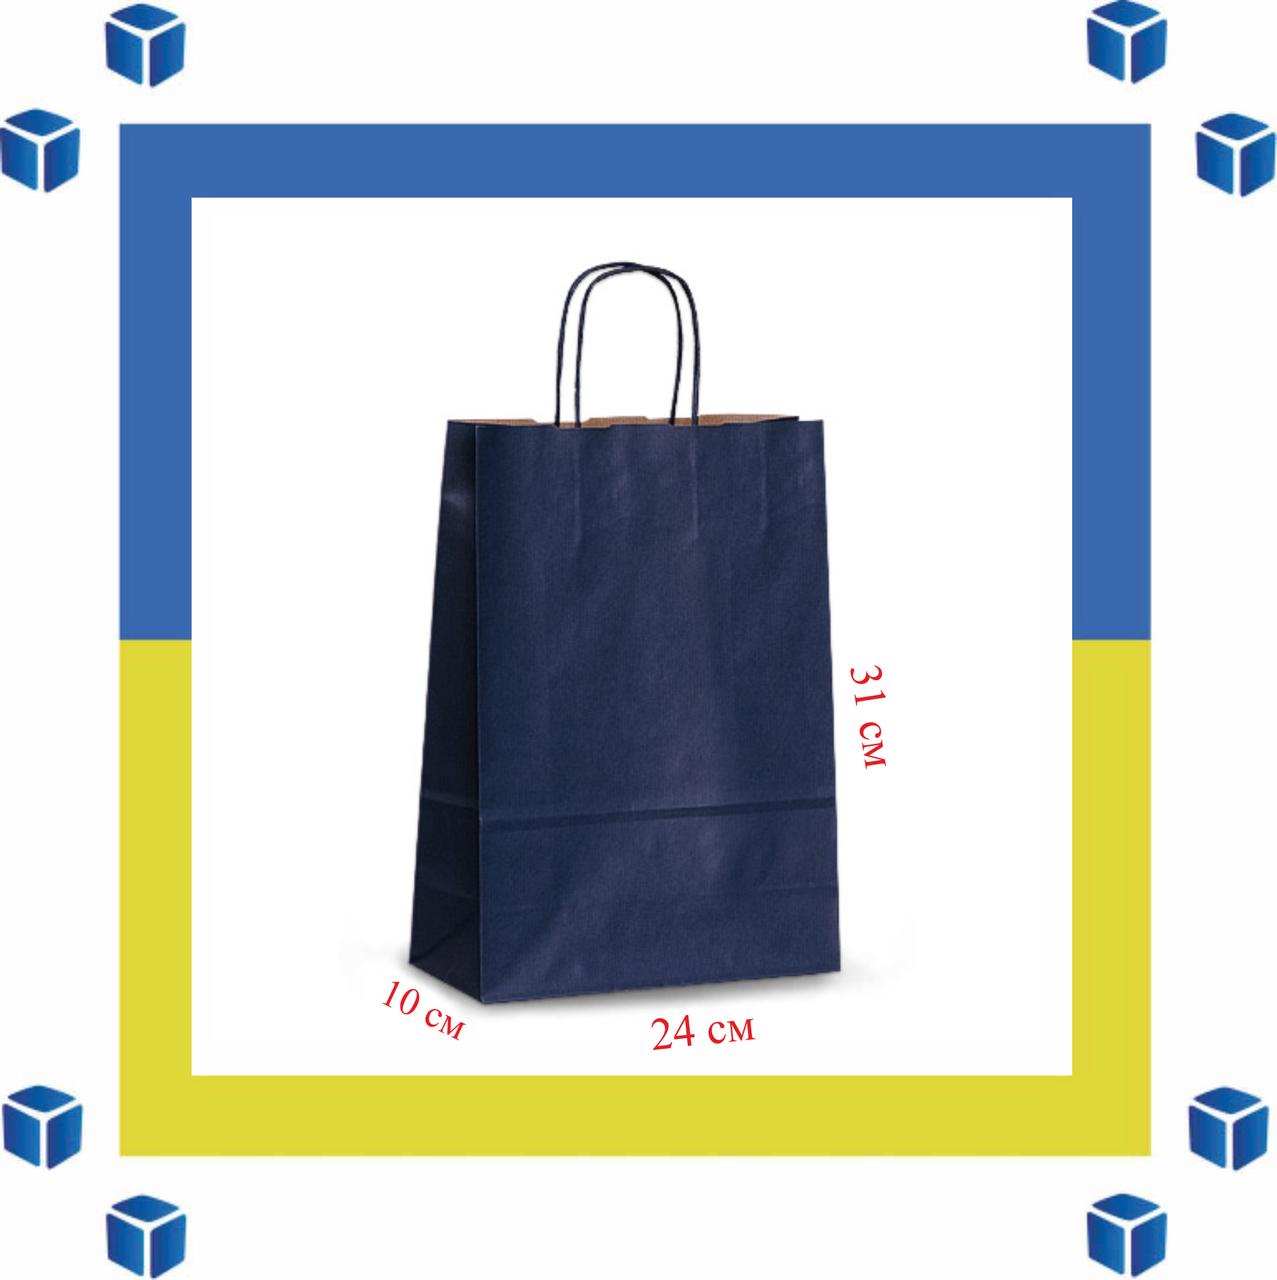 Паперовий пакет з витими ручками синій (240мм/100мм/310мм)